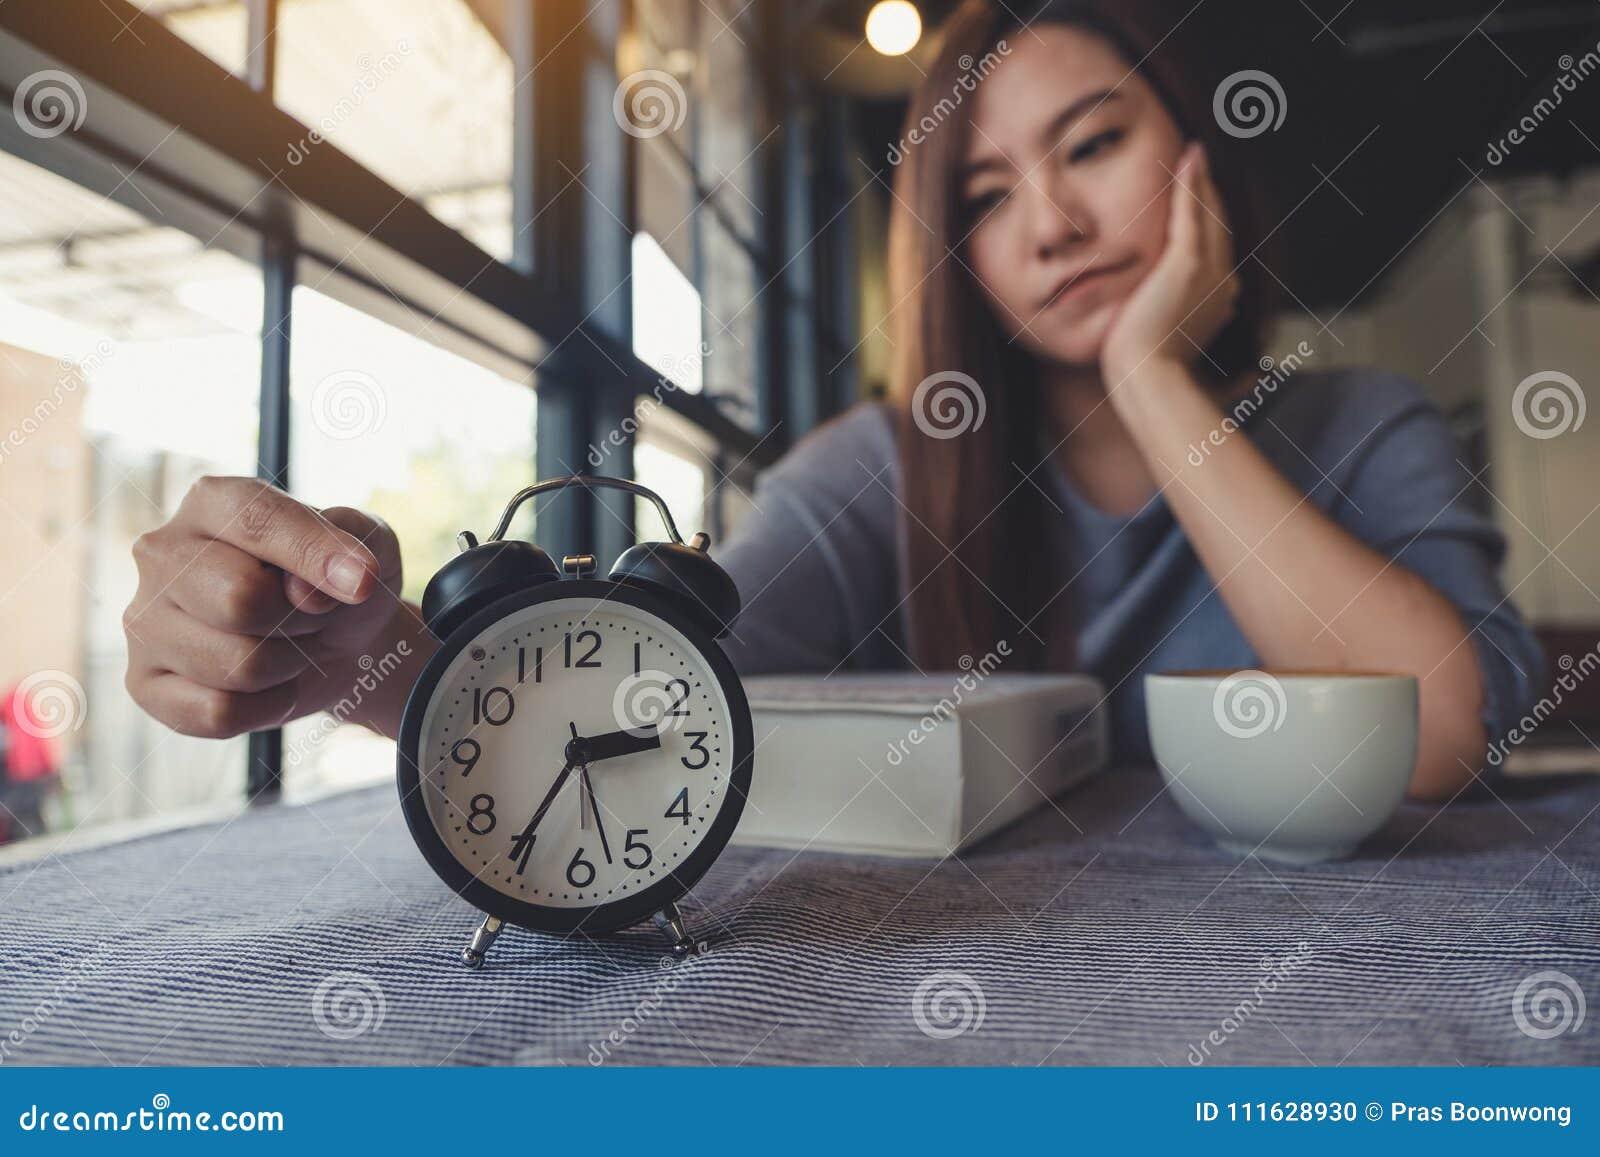 指向充满乏味的感觉的一个黑时钟的亚裔妇女,当等待某人时